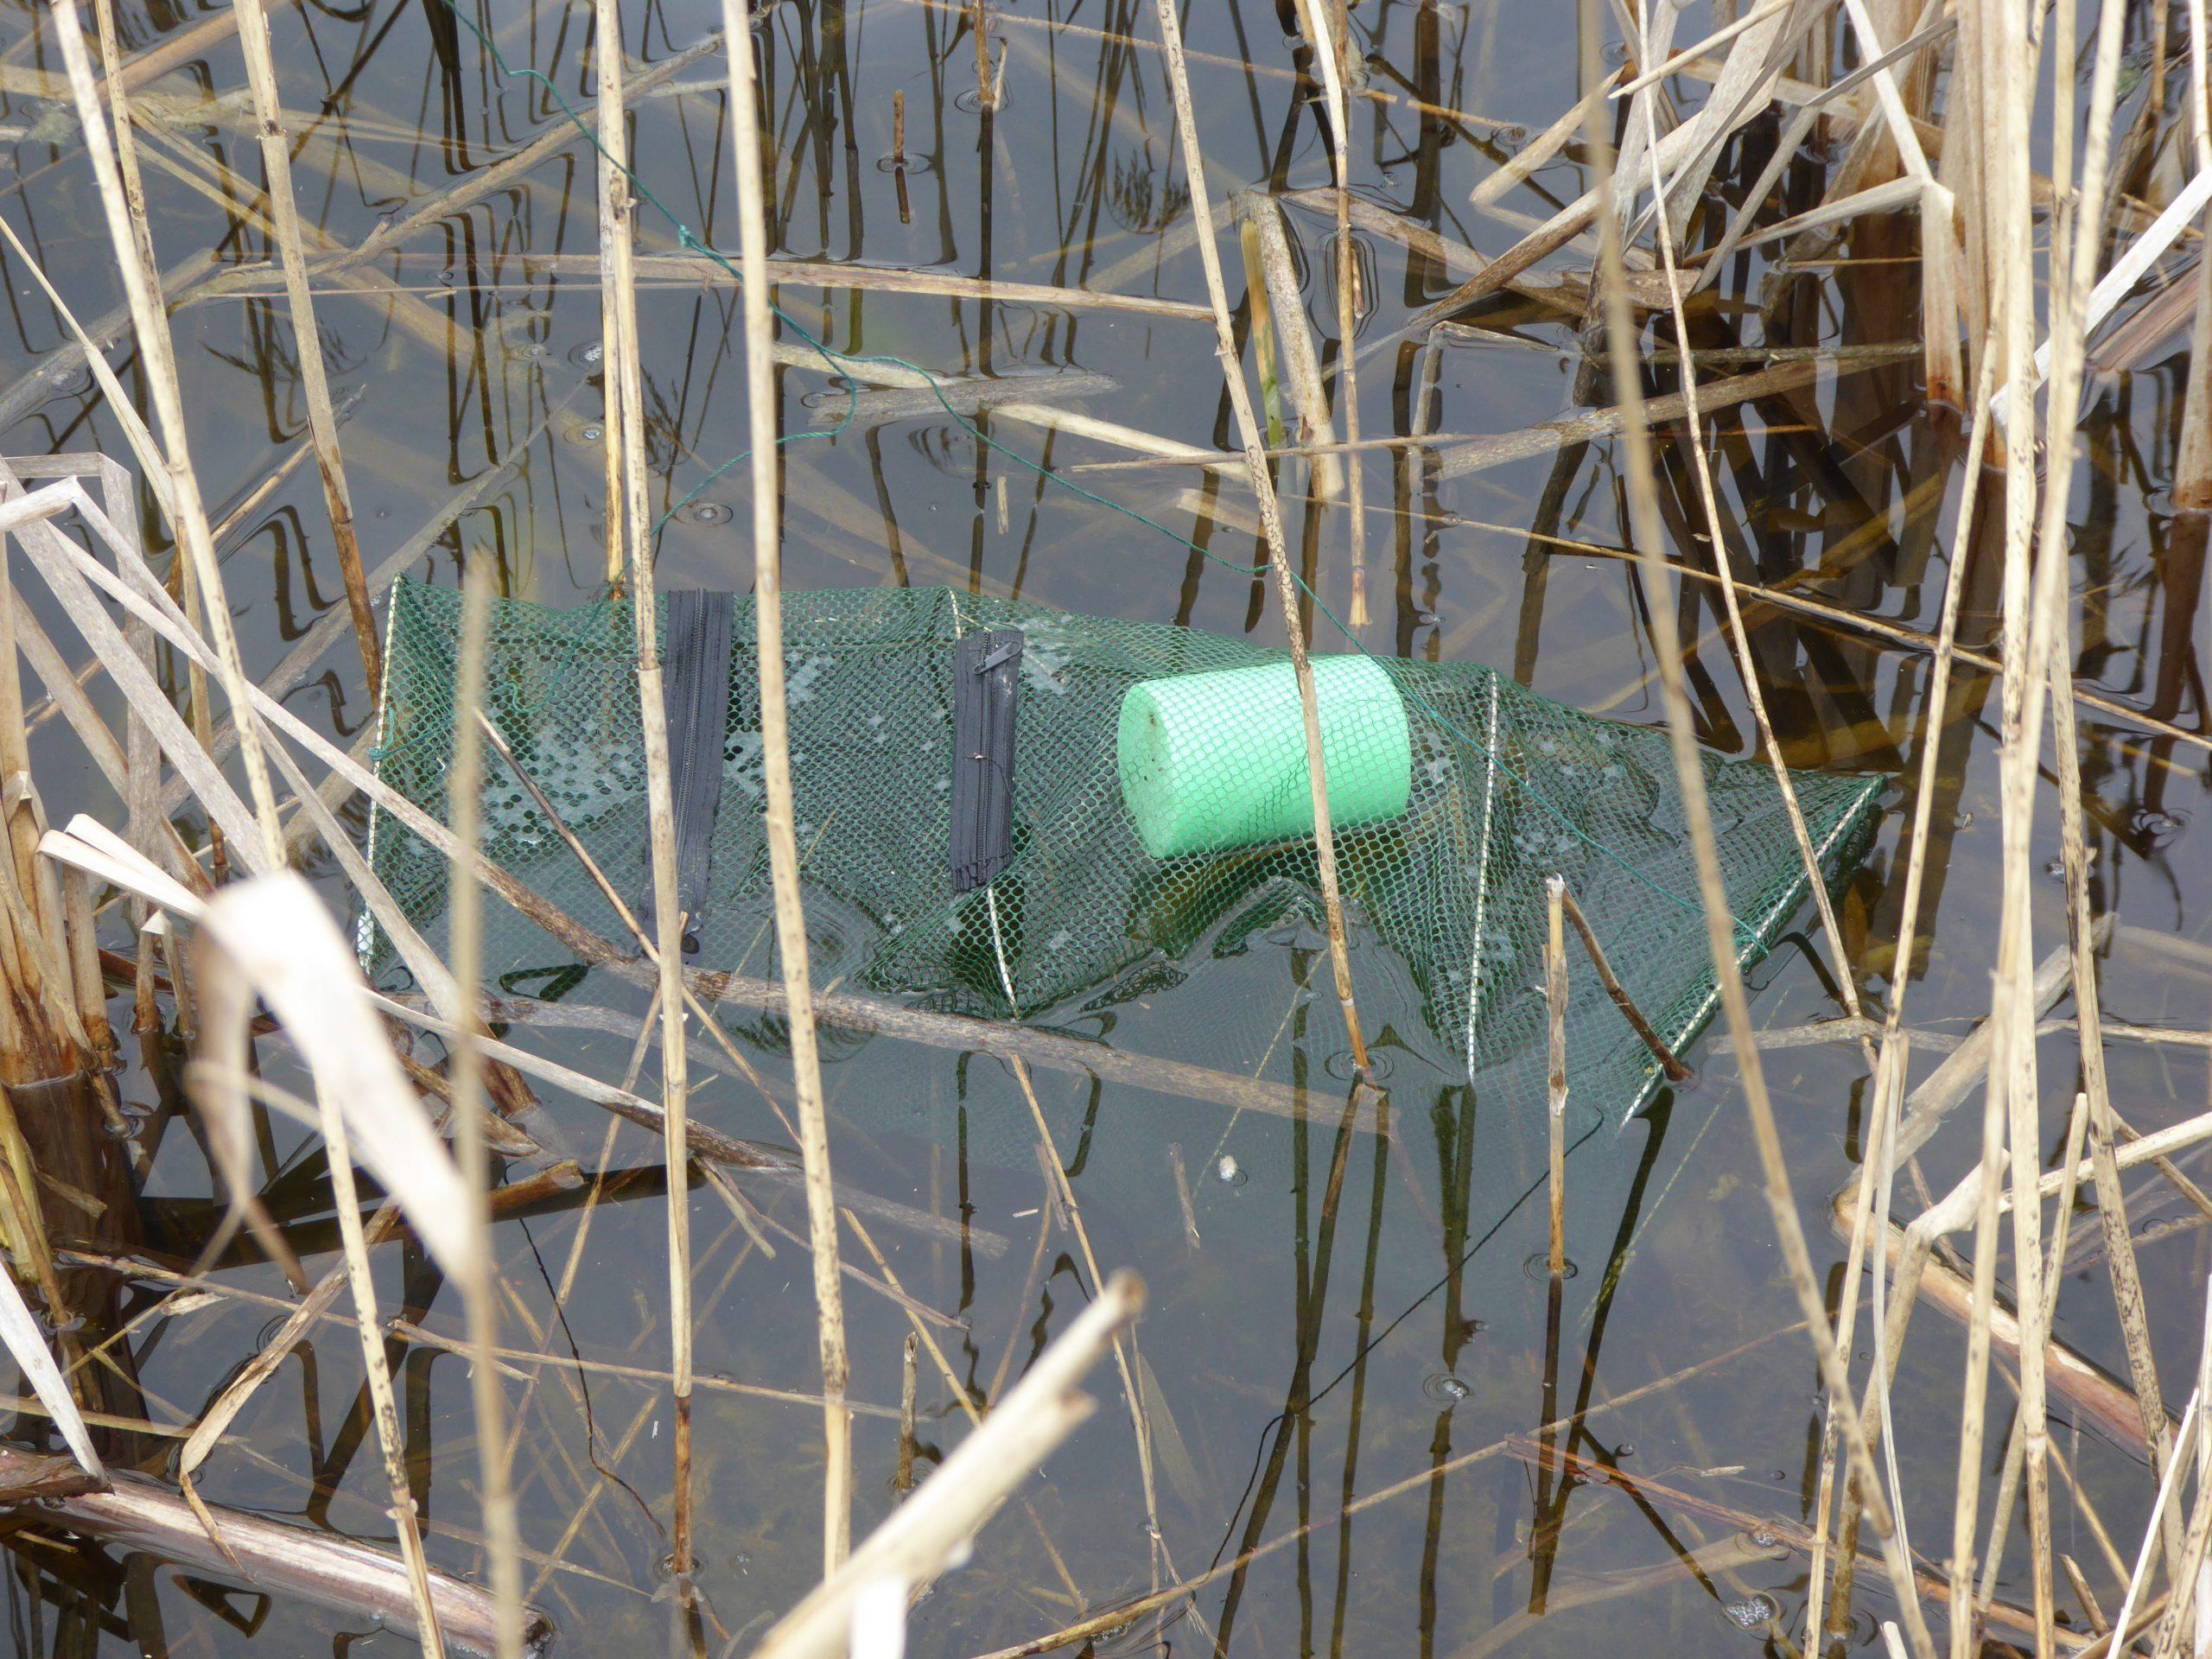 Kleinfischreuse für Amphibien